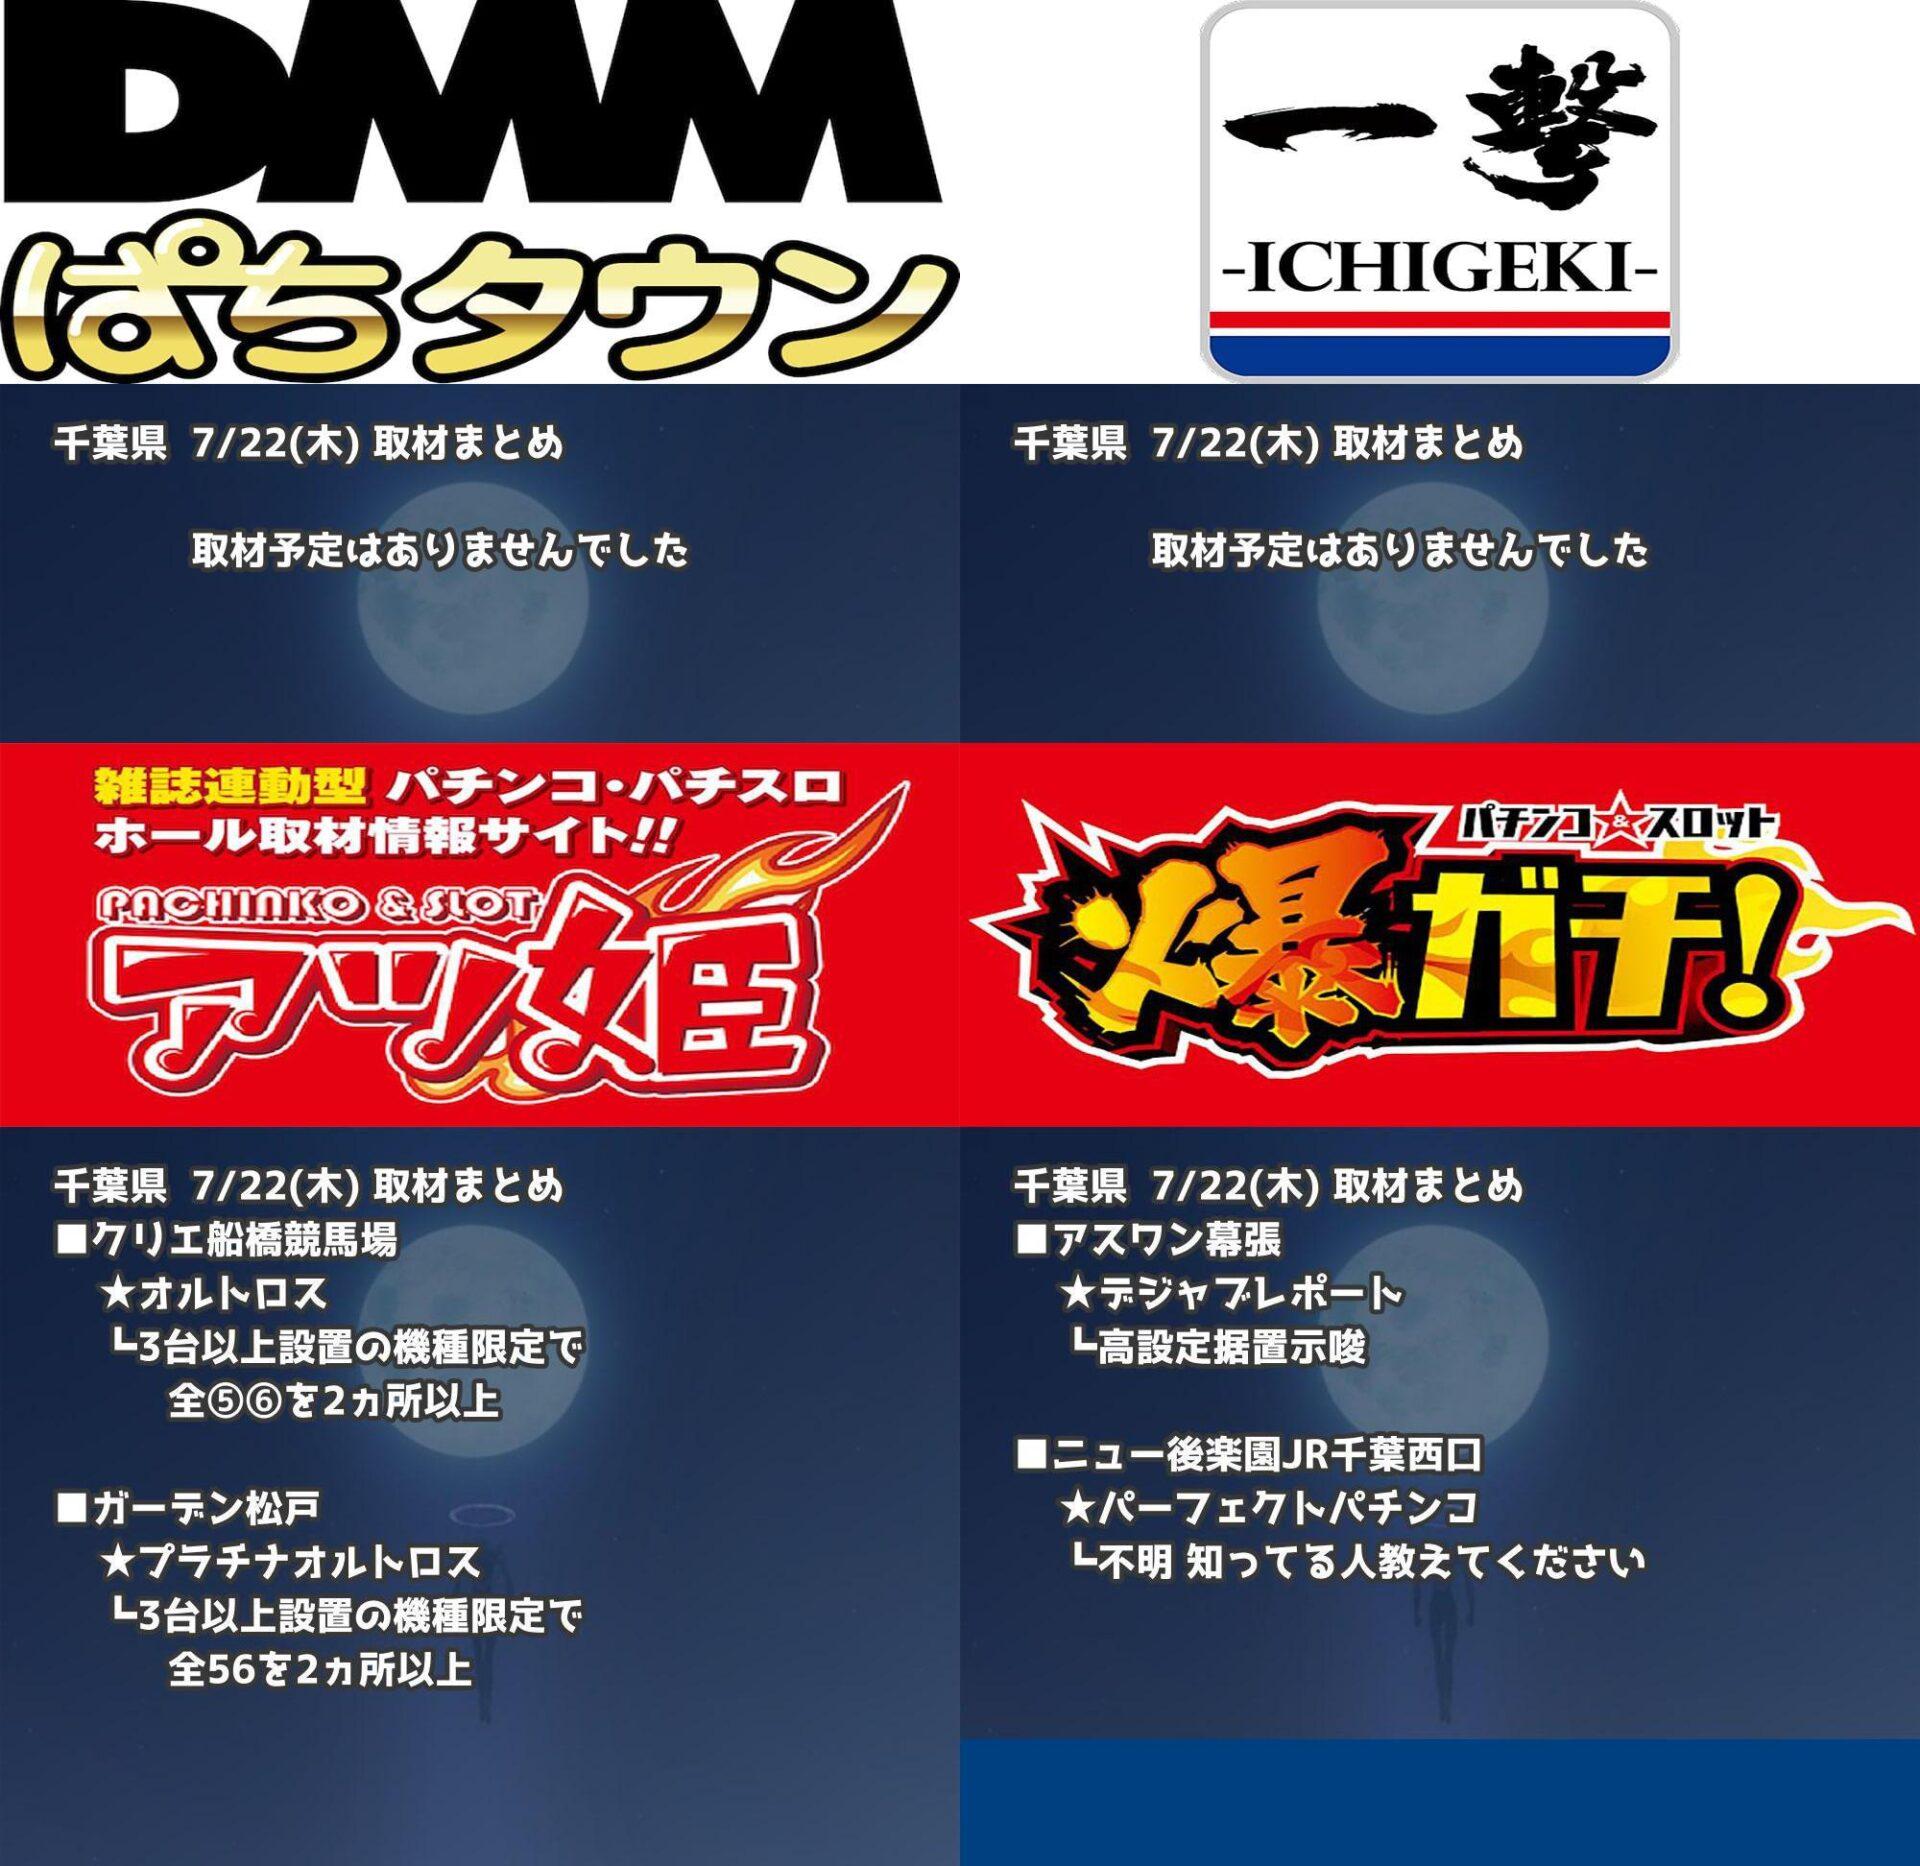 千葉県_2021-07-22_パチンコ・パチスロ_イベント